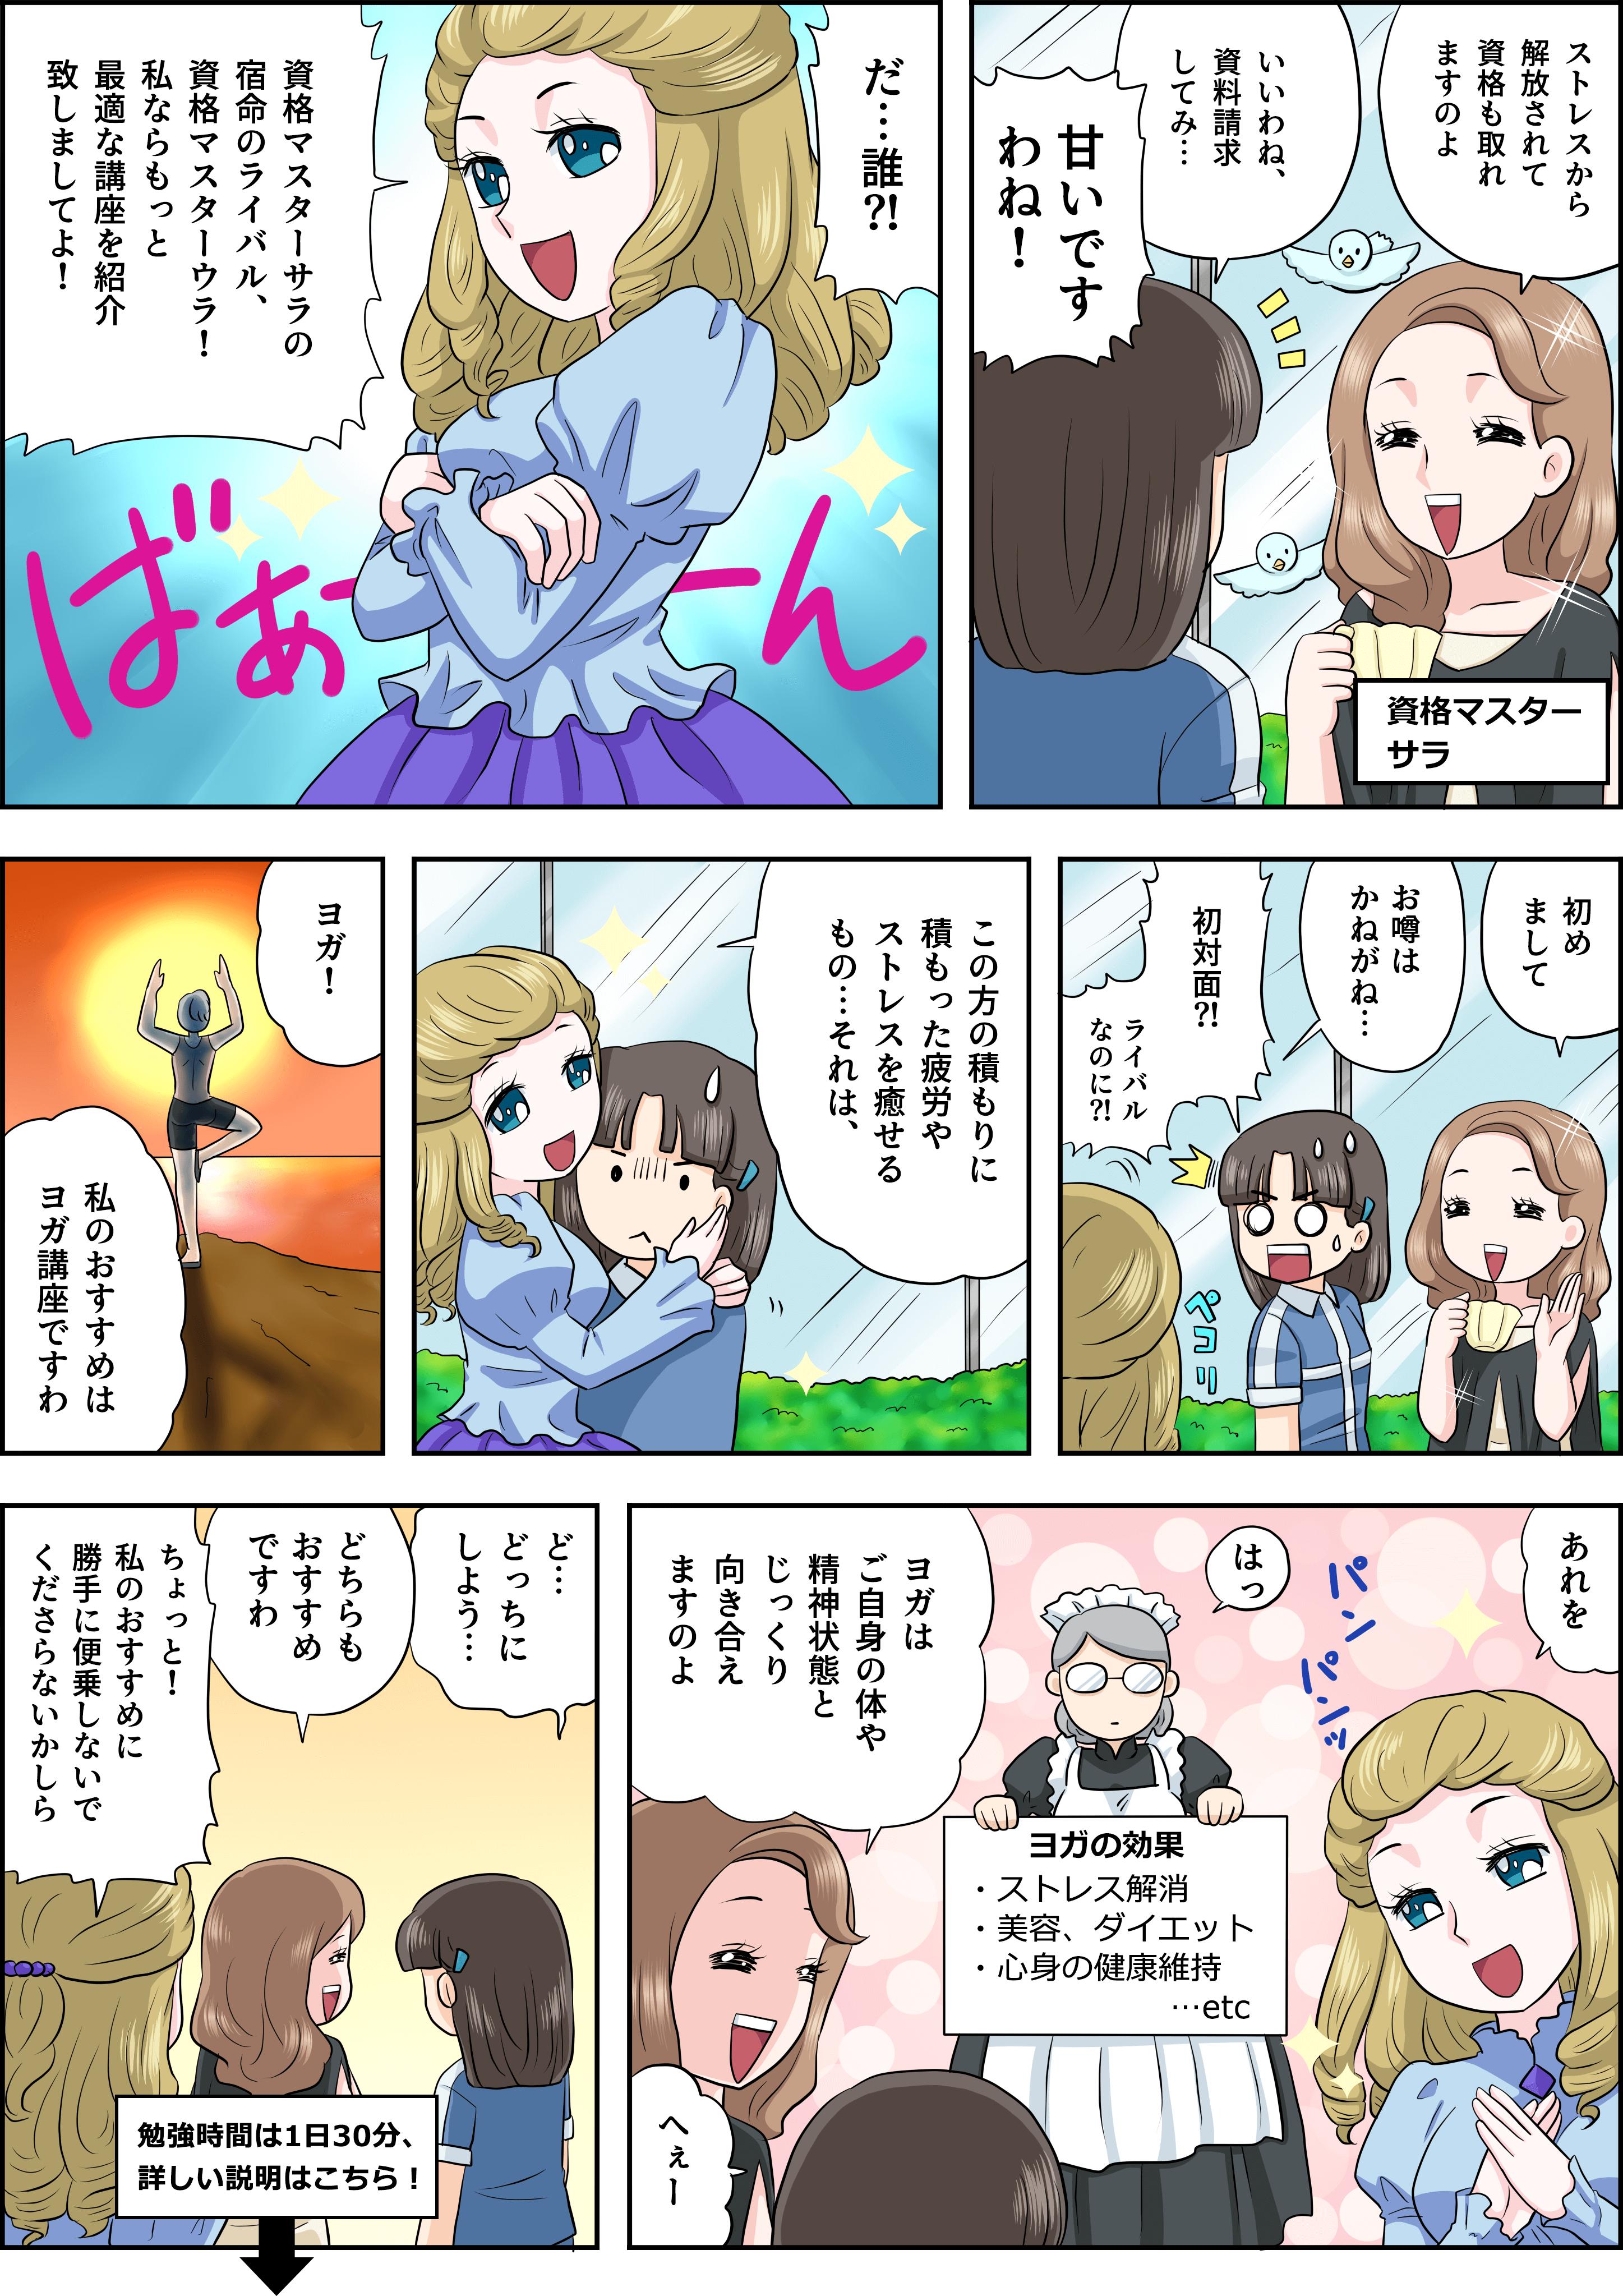 ヨガの漫画